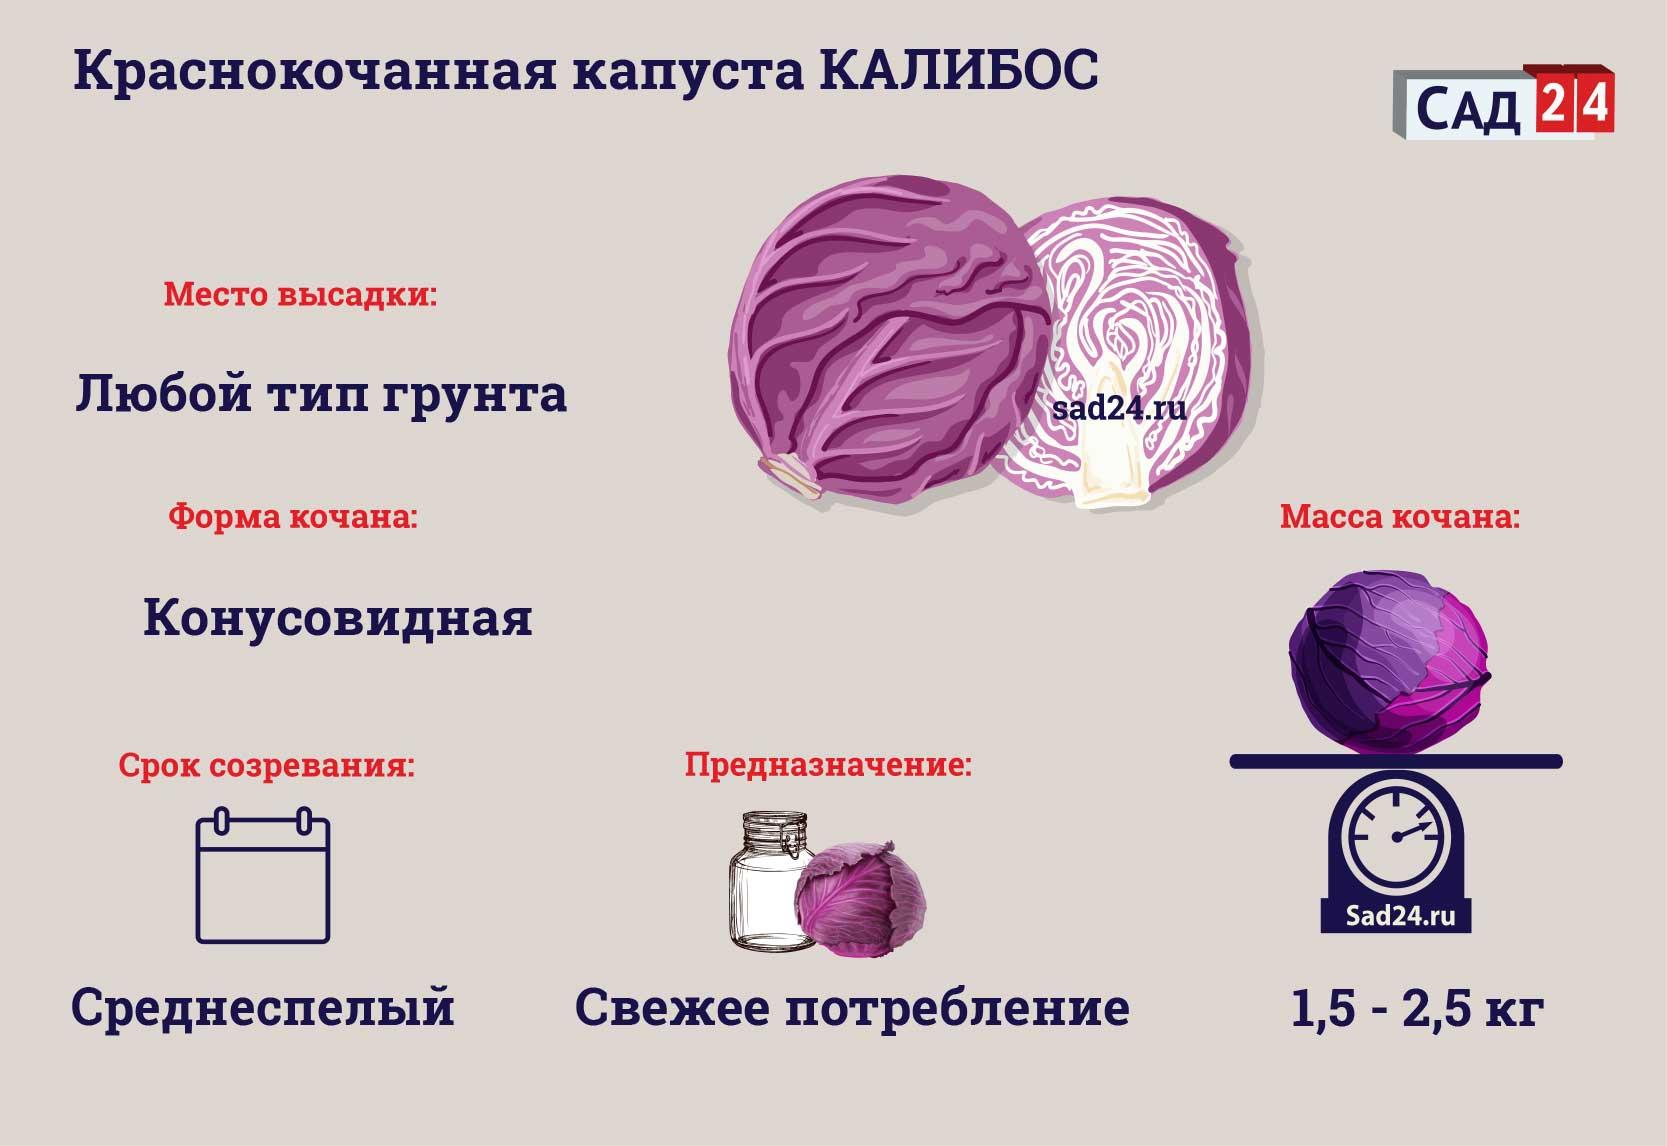 Калибос - https://sad24.ru